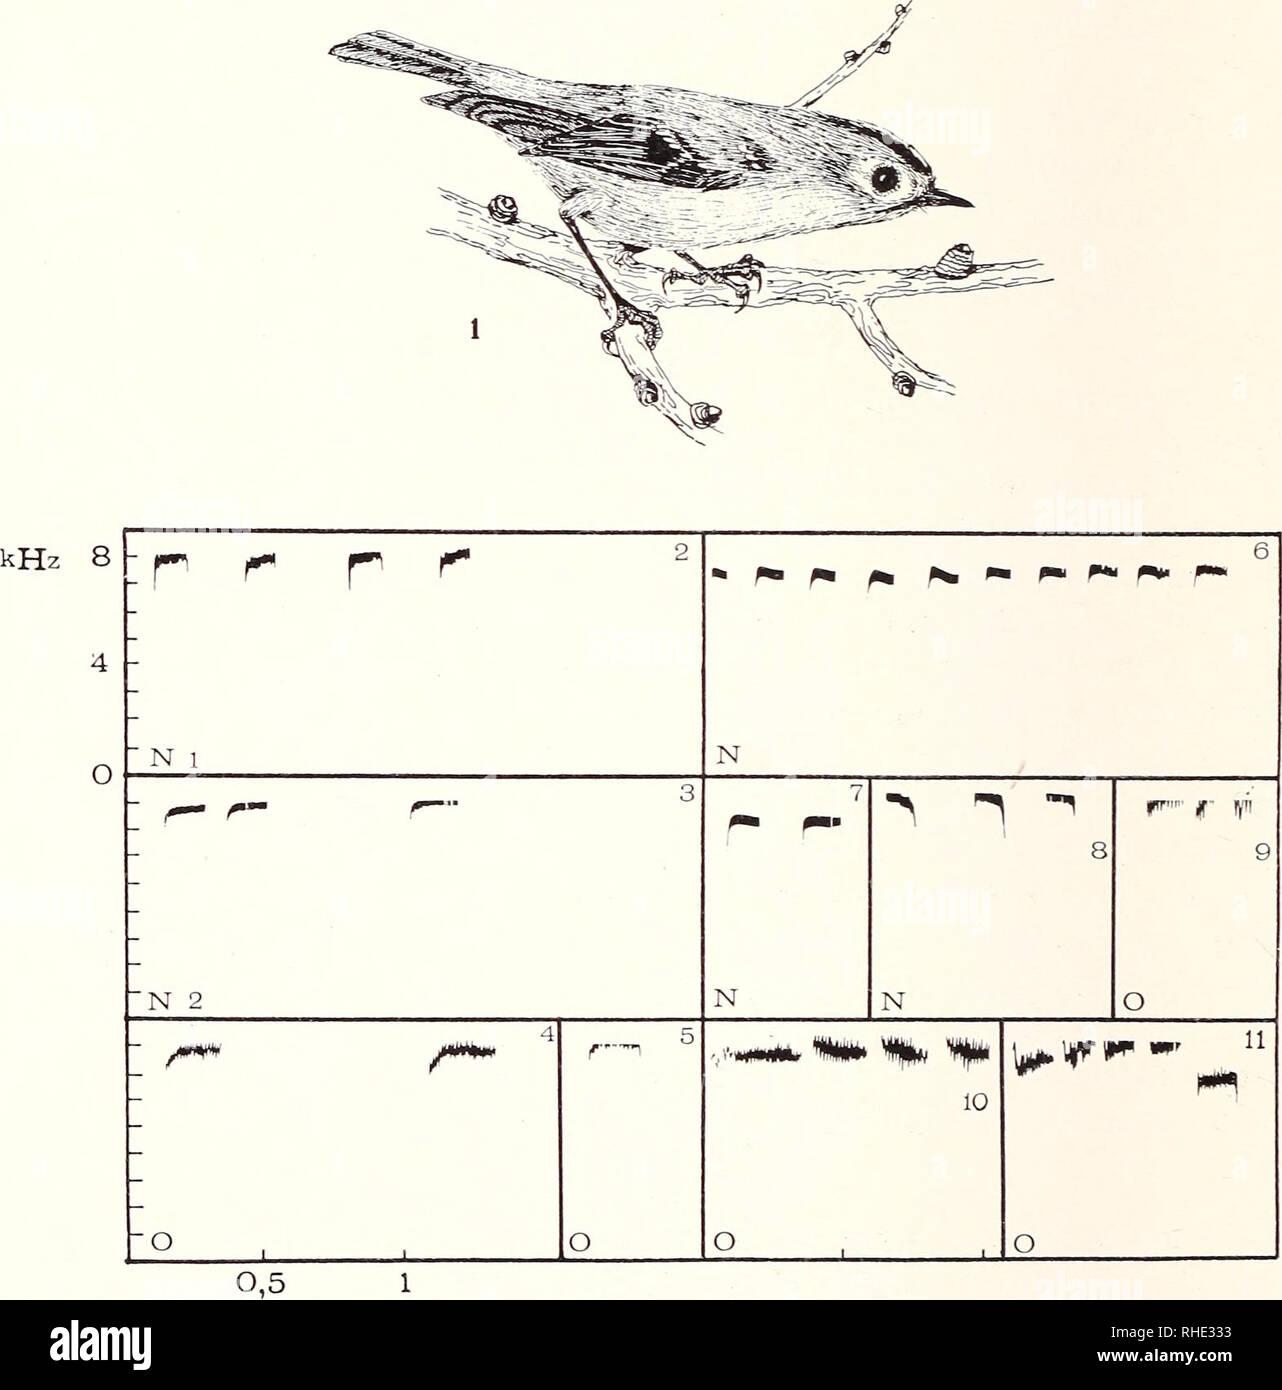 """. Bonner zoologische Monographien. Zoology. 60 führen ihr bauendes 9 zum Nest, in Volieren das brütende 9 zur Futter- stelle. WG- und SG-9 provozieren mit Zeigeflügen eine Hetzkopula. 6 rempeln ein desinteressiertes 9 mitunter im Zeigeflug an und veran- lassen es möglicherweise zu folgen (""""pouncing"""", Nice 1943: 147, Curio 1959: 36). Zeigeflüge der Eltern ermuntern flügge Junge zum Ortswechsel, möglicherweise auch zum Verlassen des Nests. WG-Eltern führten so 9. Abb. 19/1 — 11: Feindverhalten (IV,4.). WG 1—5, SG 6—11. 1: Einfrieren. 2, 3, 6—8: kurzer Alarm (N-Laute), verschiedene S- 4, 5,  Stock Photo"""